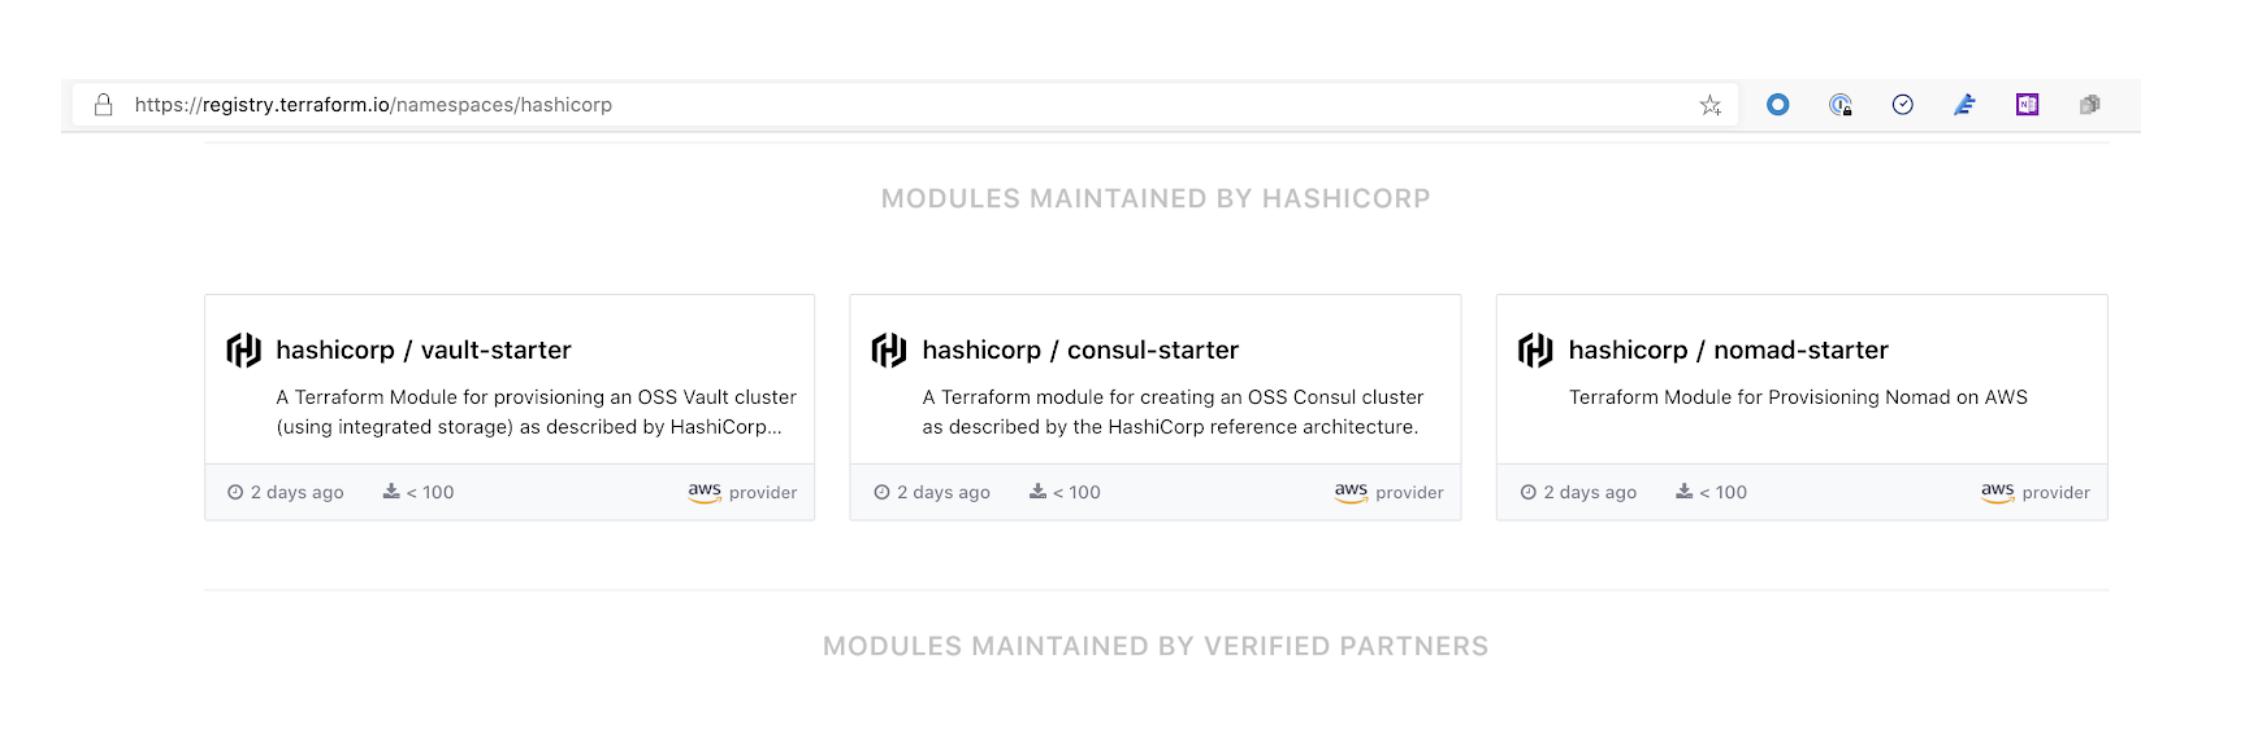 Quickstart modules